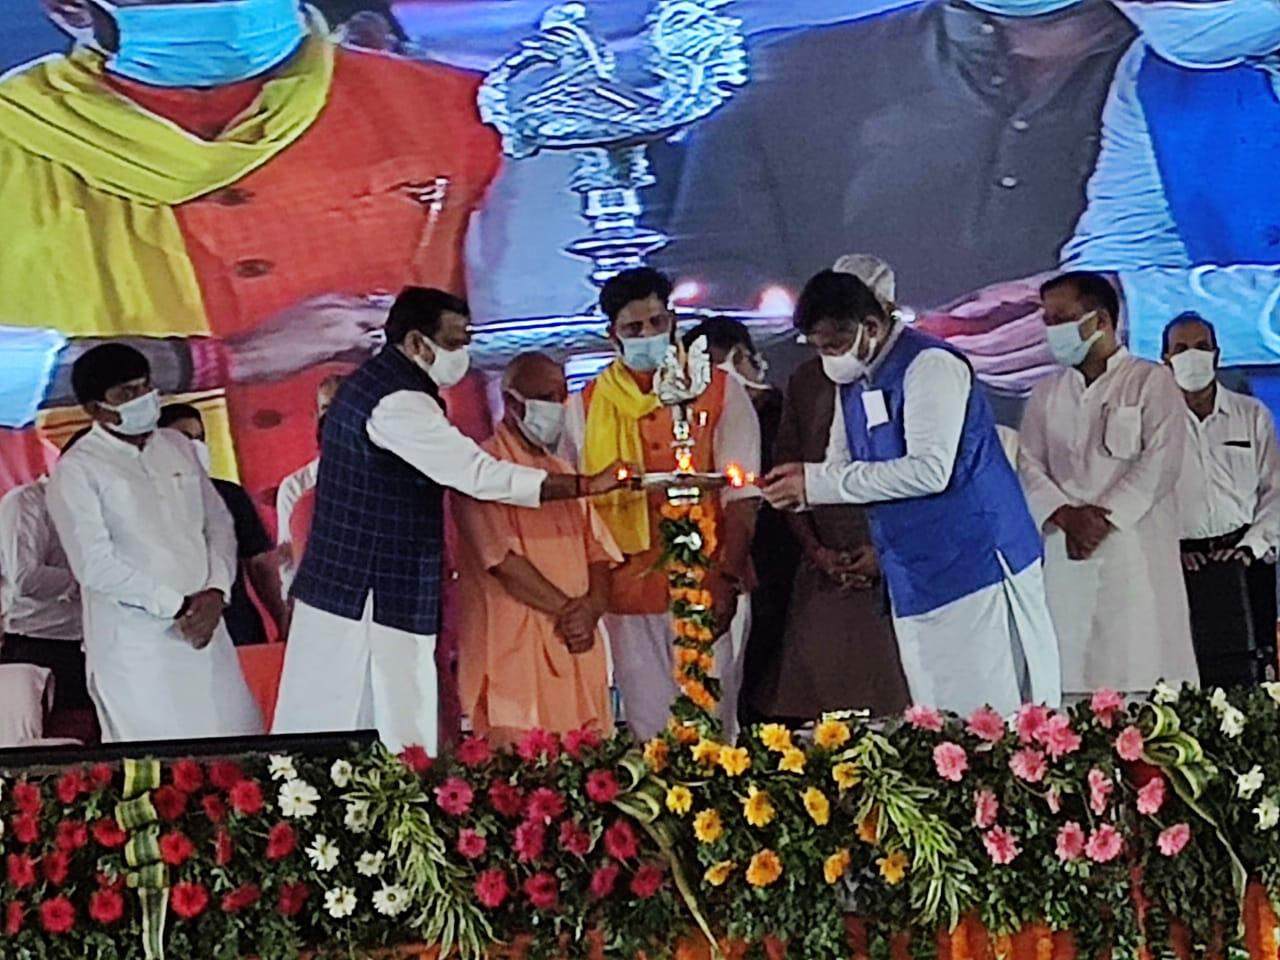 CM योगी ने गोरखपुर को दी तरकुलानी रेगुलेटर सहित 478 करोड़ की परियोजनाओं की सौगात, बोले...32 हजार की आबादी को बाढ़ से बचाएगा रेगुलेटर|गोरखपुर,Gorakhpur - Dainik Bhaskar